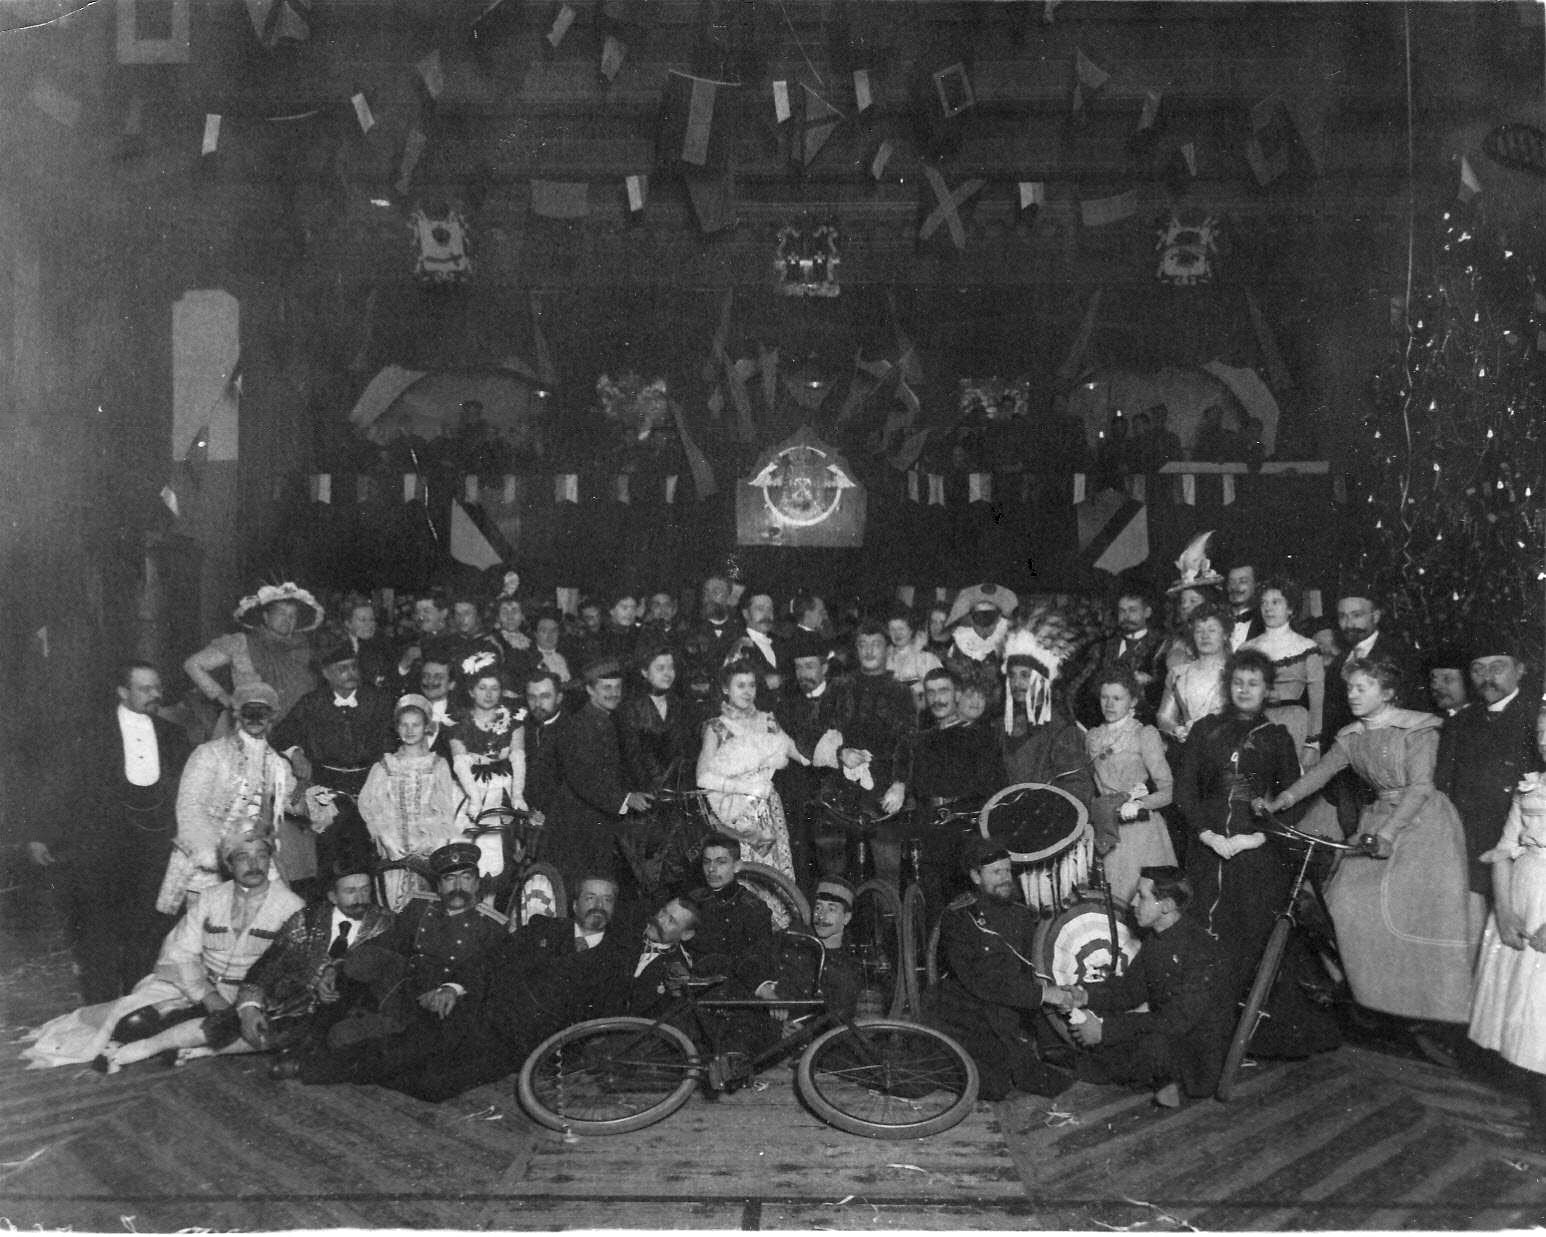 Группа членов Петербургского общества велосипедистов-любителей, участников юбилейного вечера в маскарадных костюмах